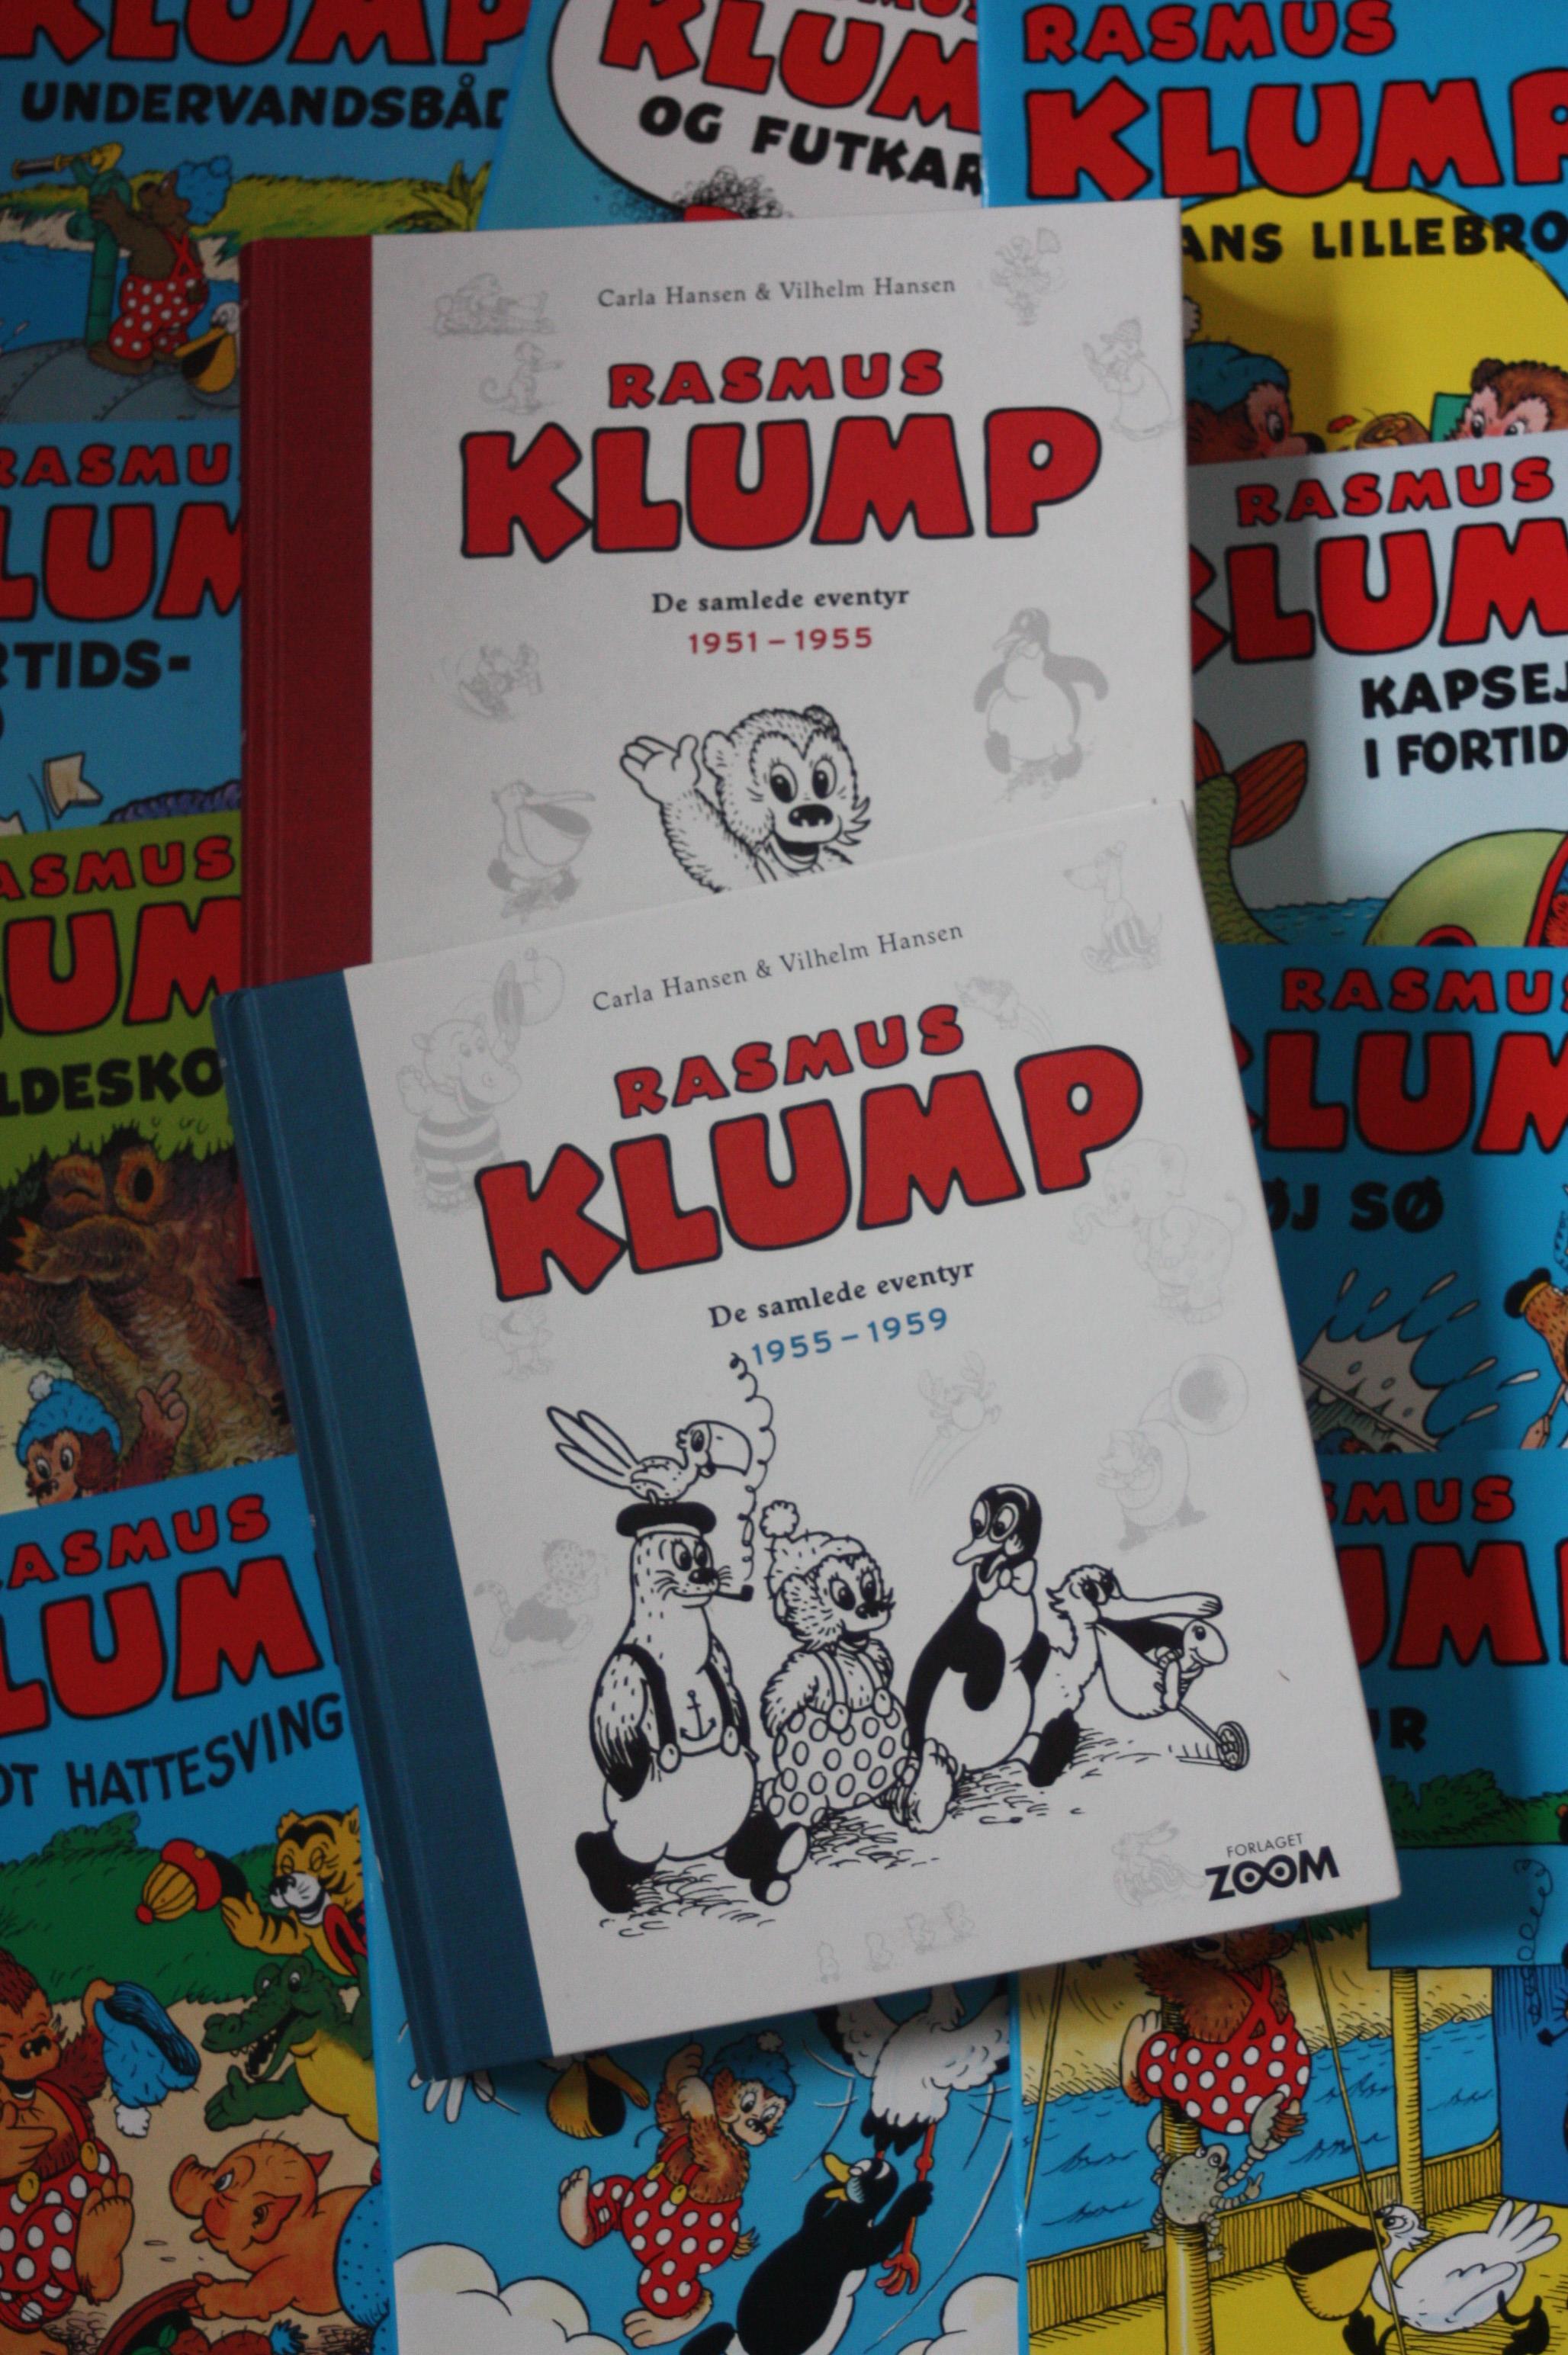 Rasmus Klump. De samlede eventyr 1955-1959